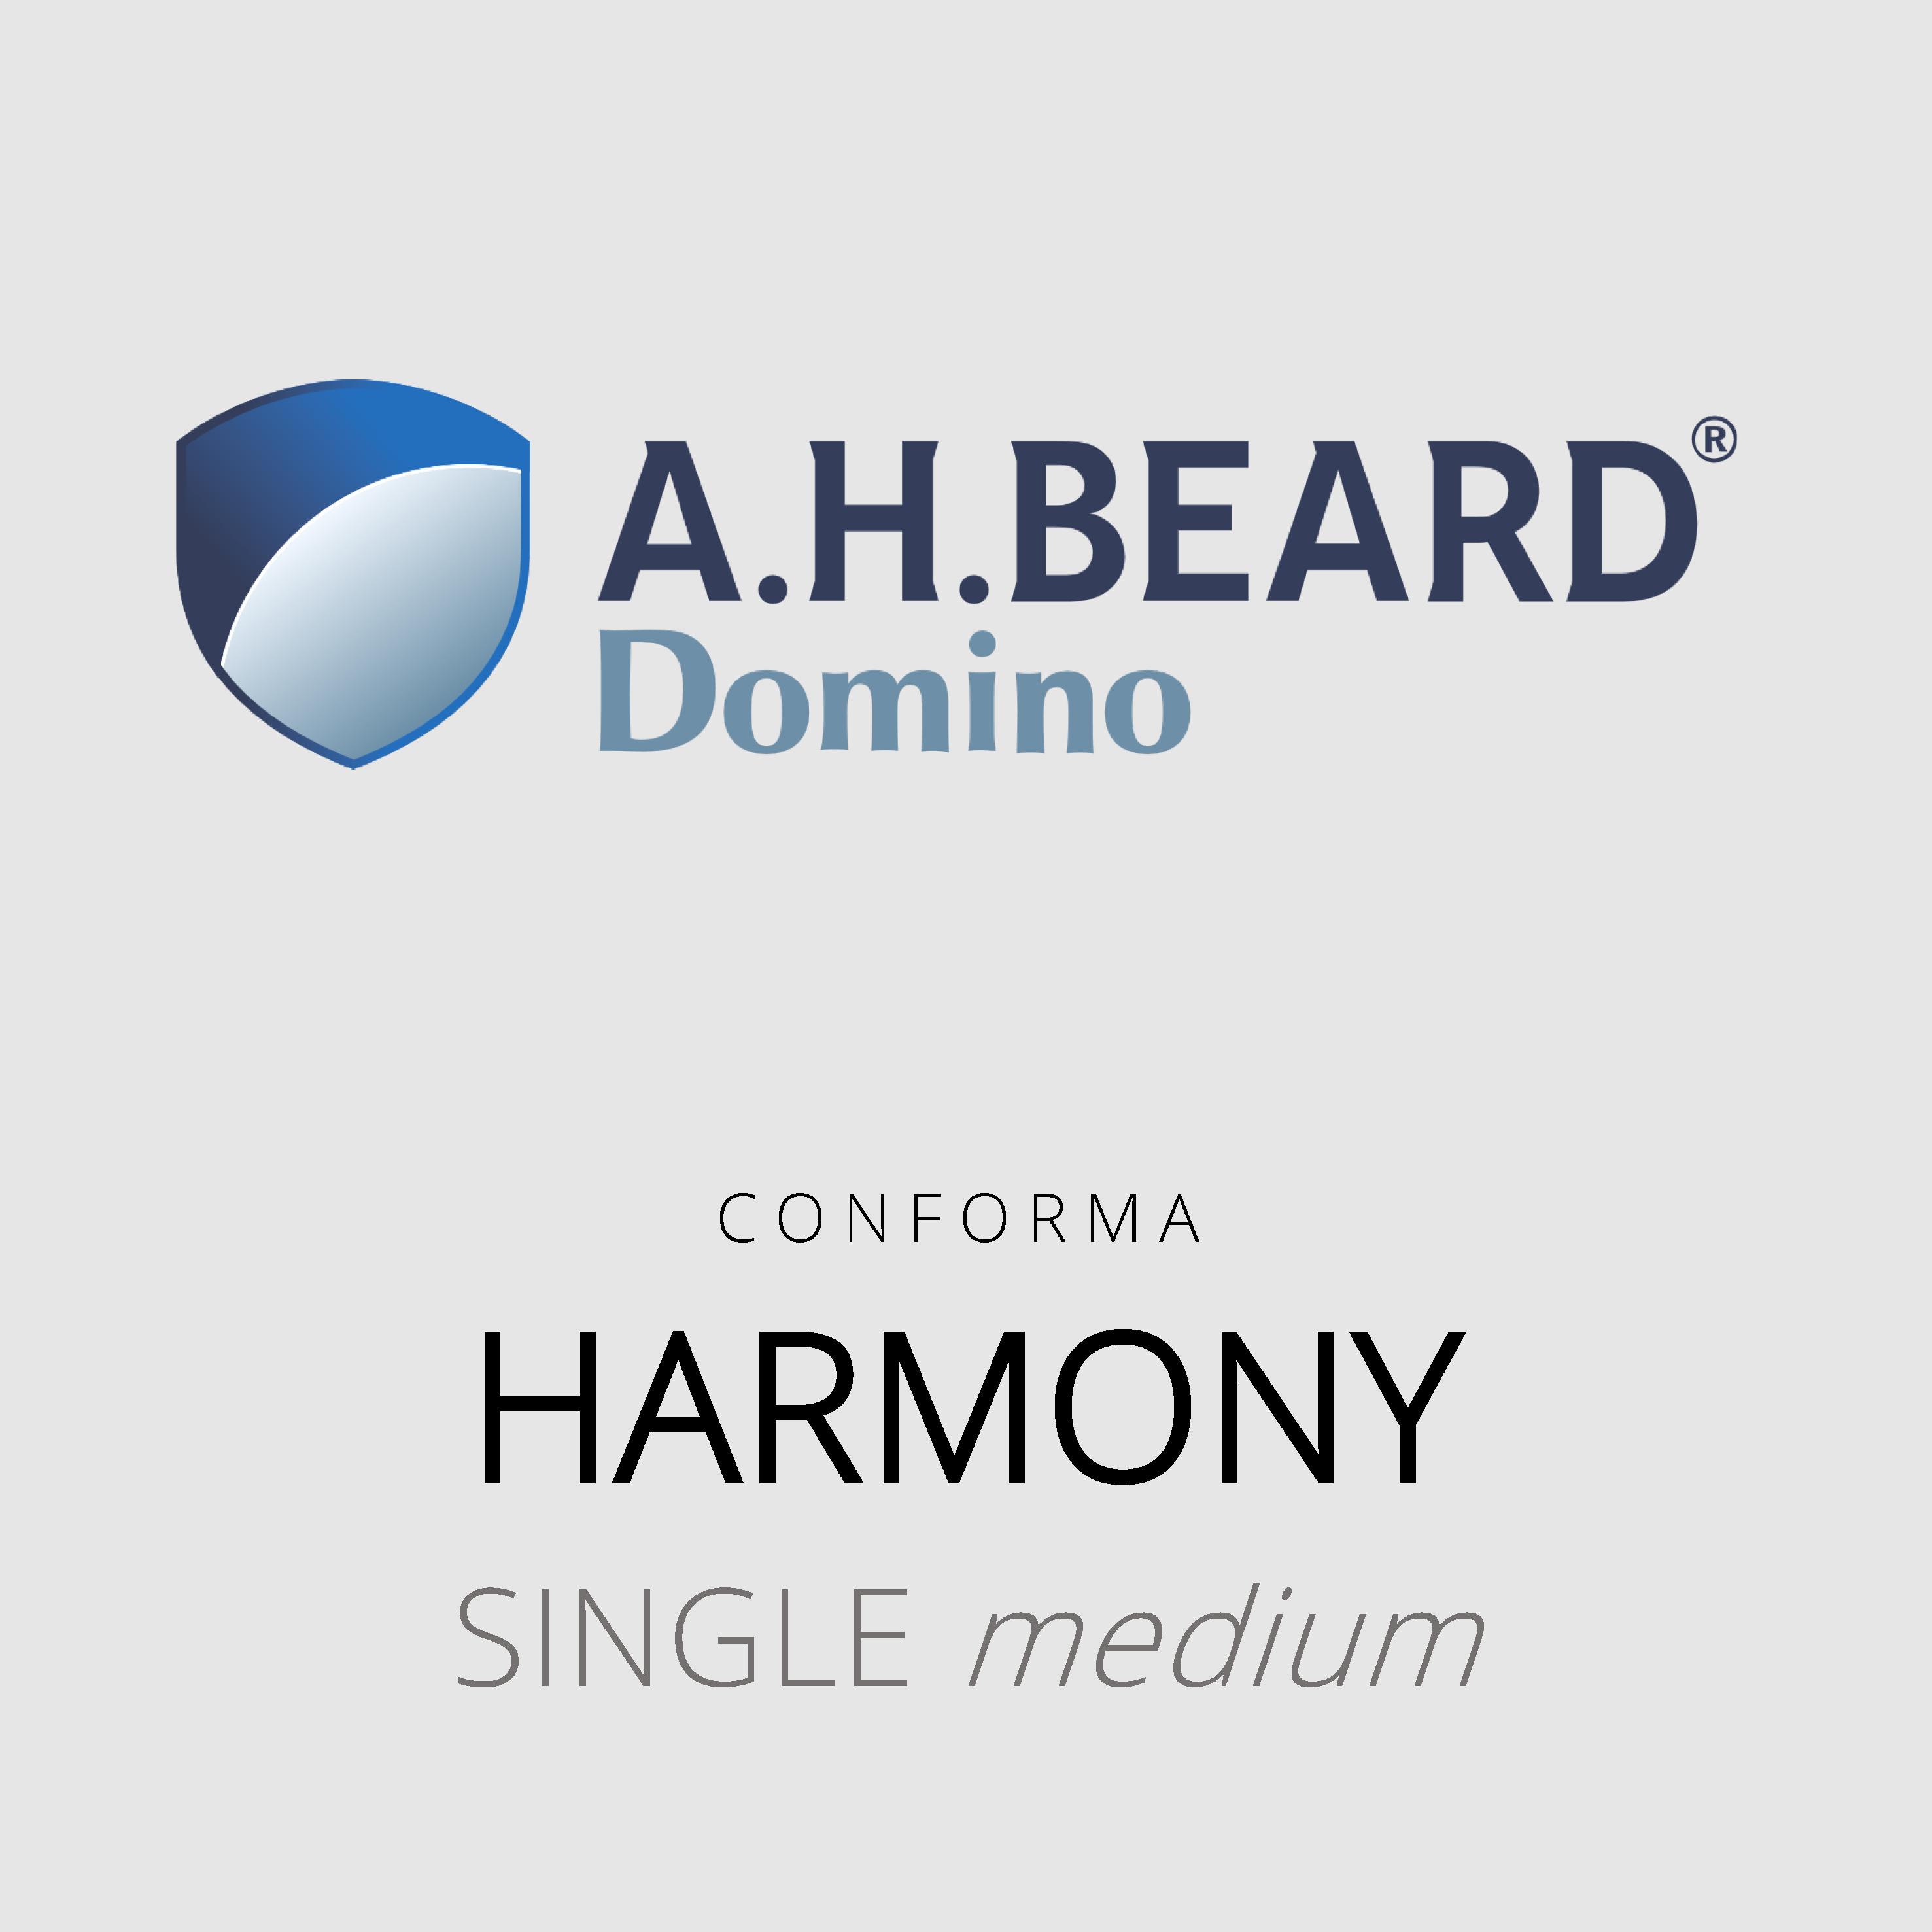 AH Beard Domino – Harmony – Conforma – Single Medium Mattress